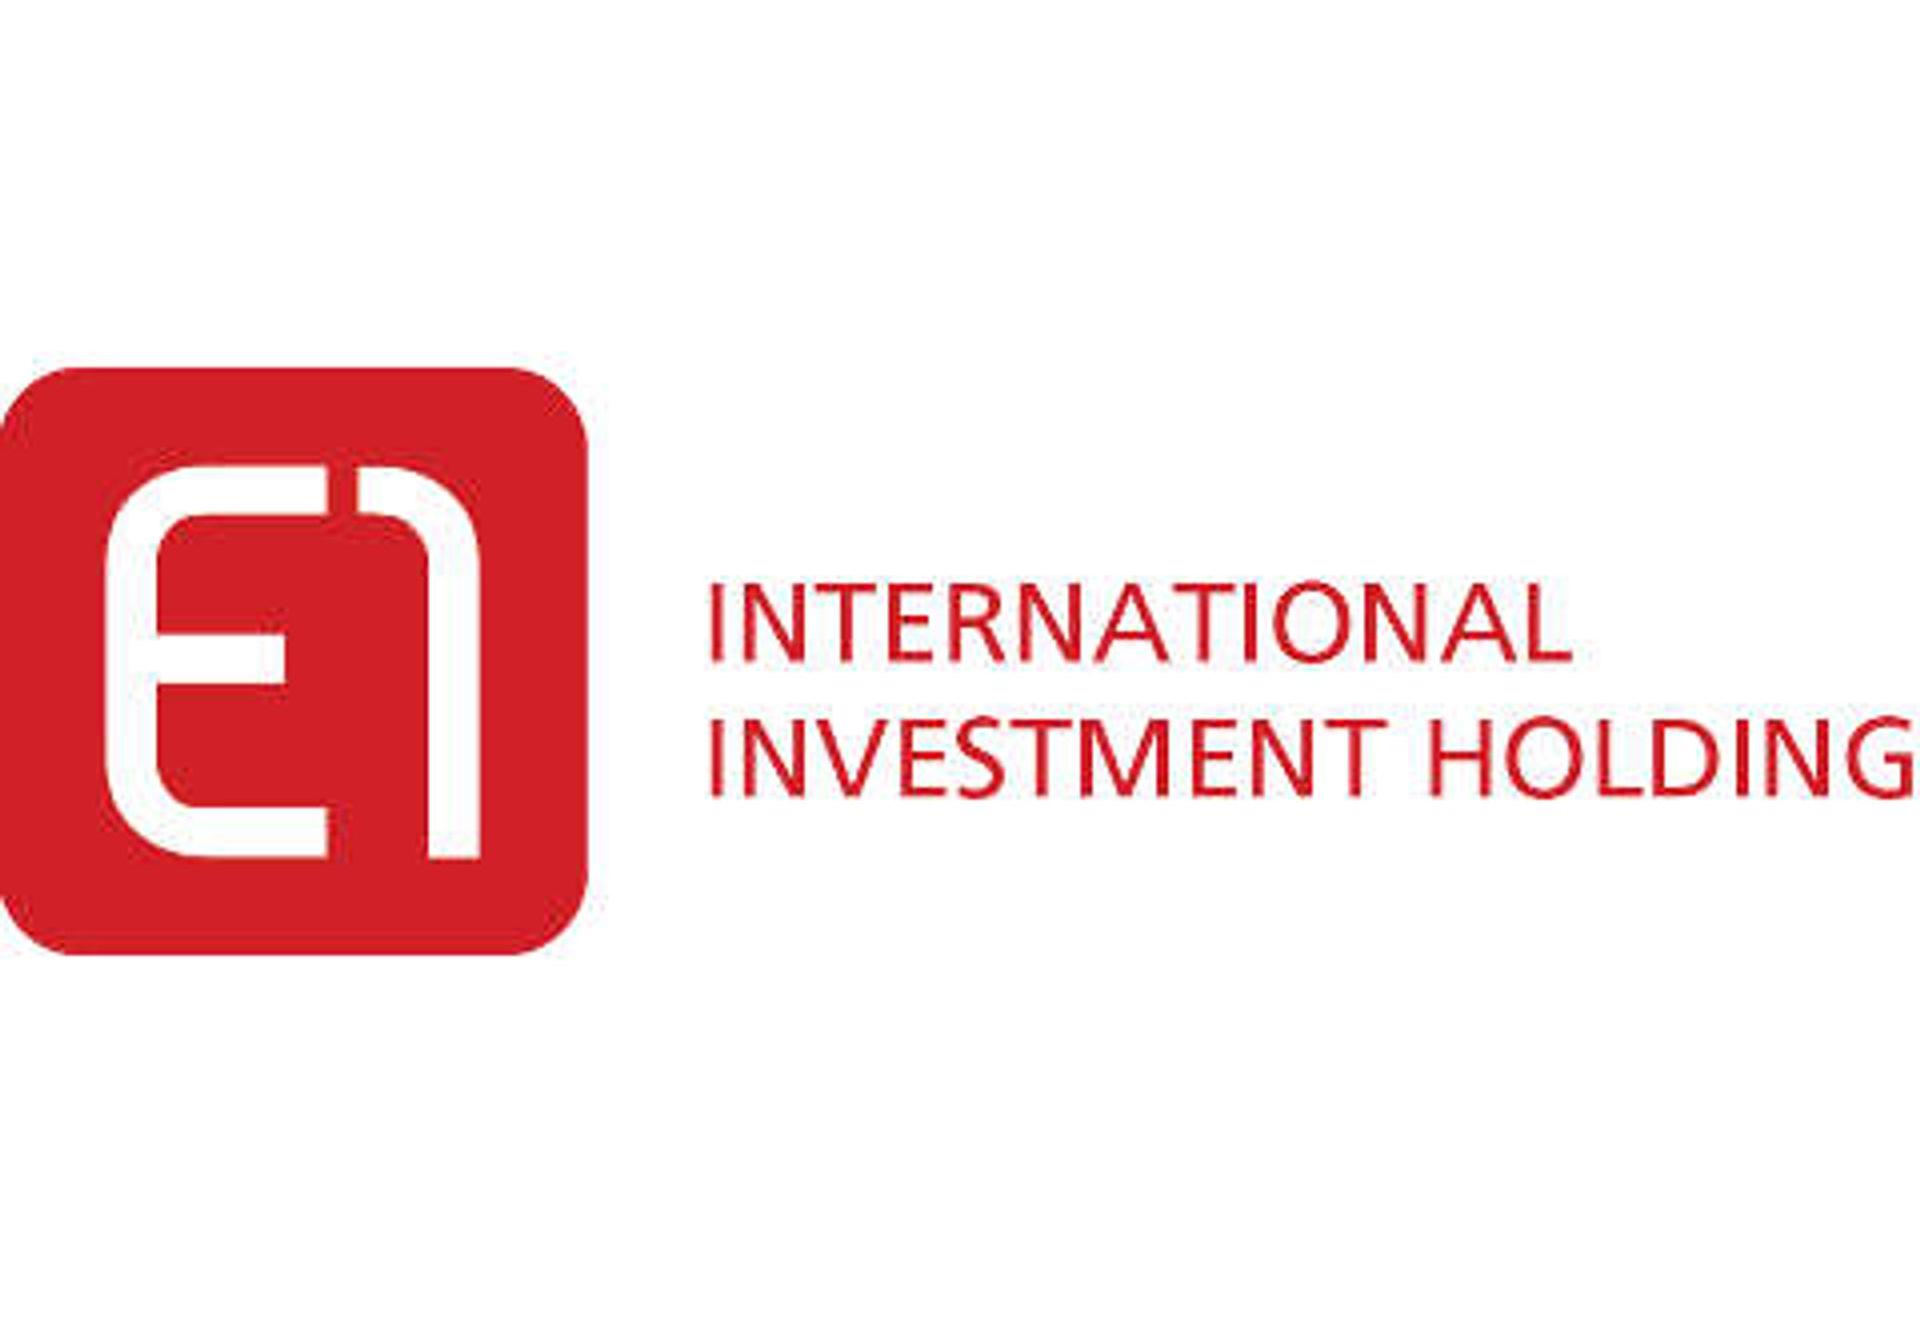 E1 Holding Immobilien Franchise